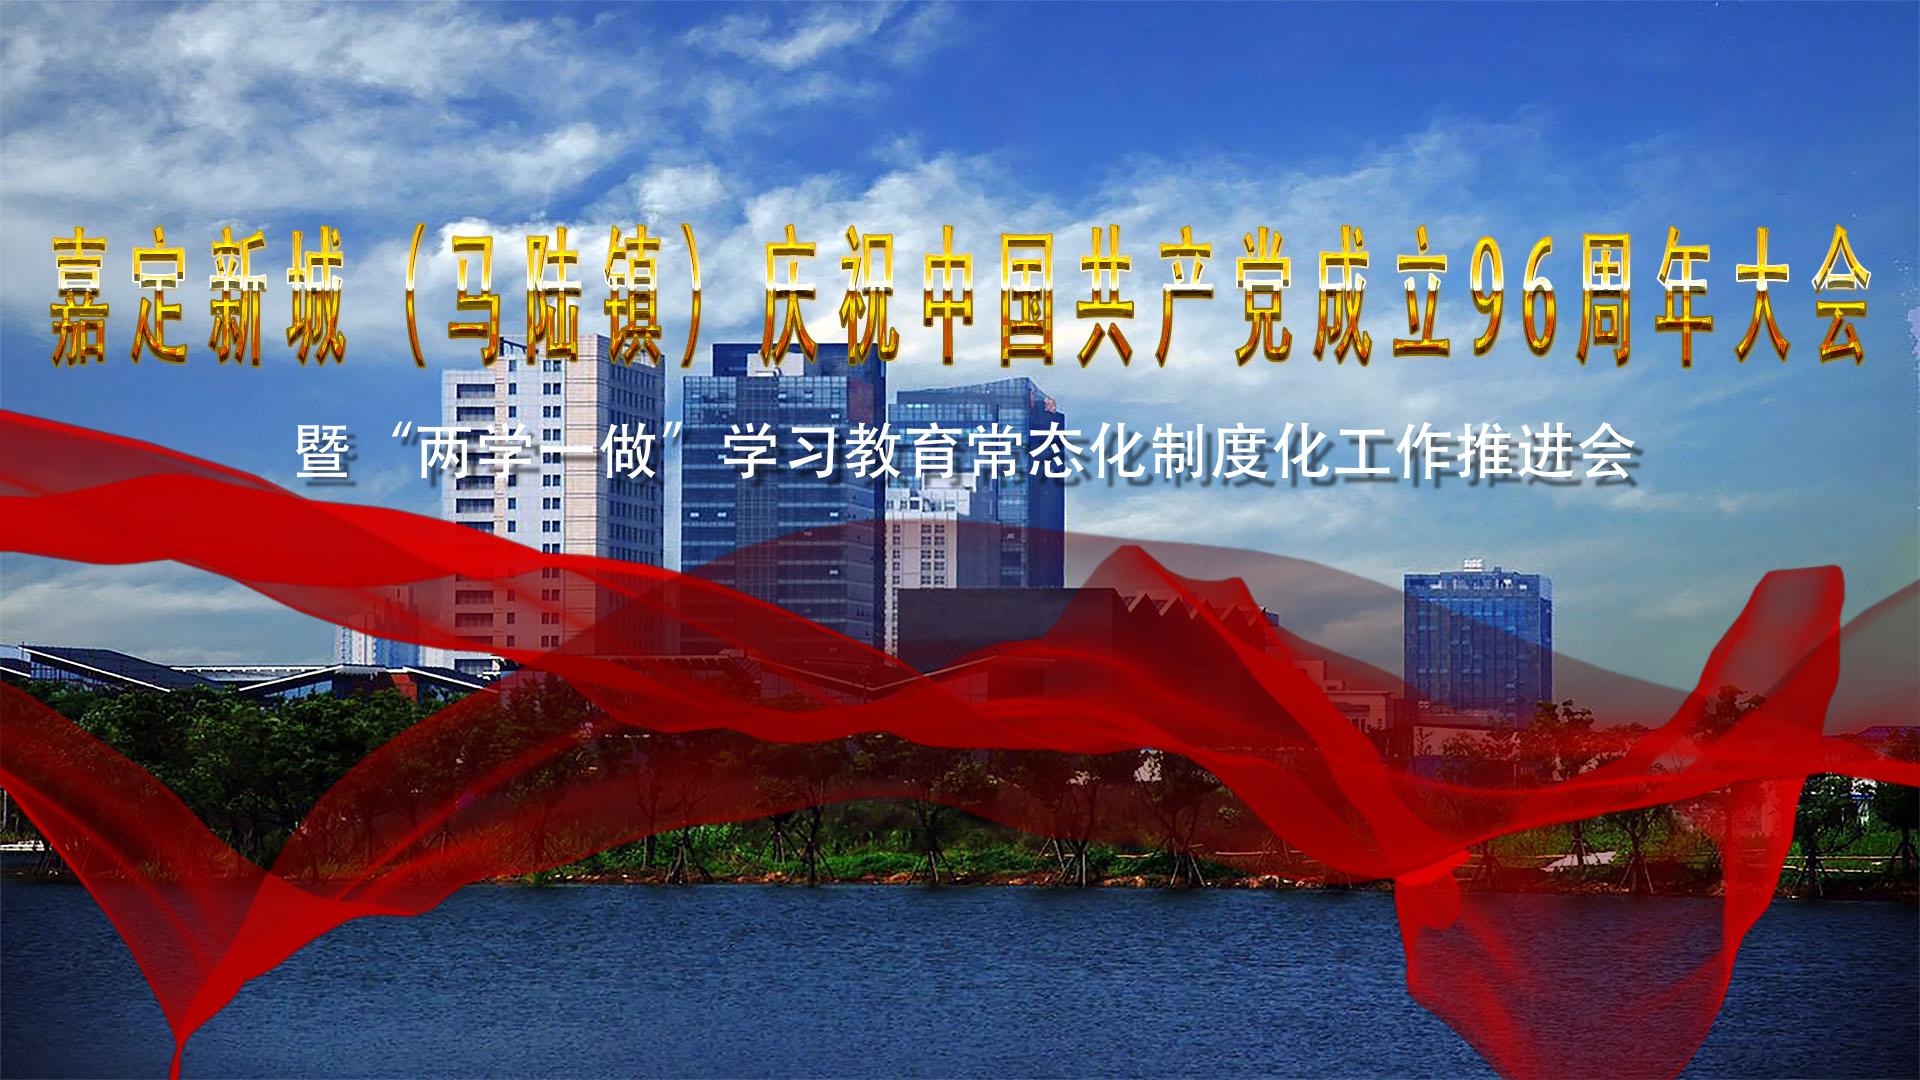 """嘉定新城(马陆镇)庆祝中国共产党成立96周年大会暨""""两学一做""""学习教育常态化制度化工作推进会现场视频"""